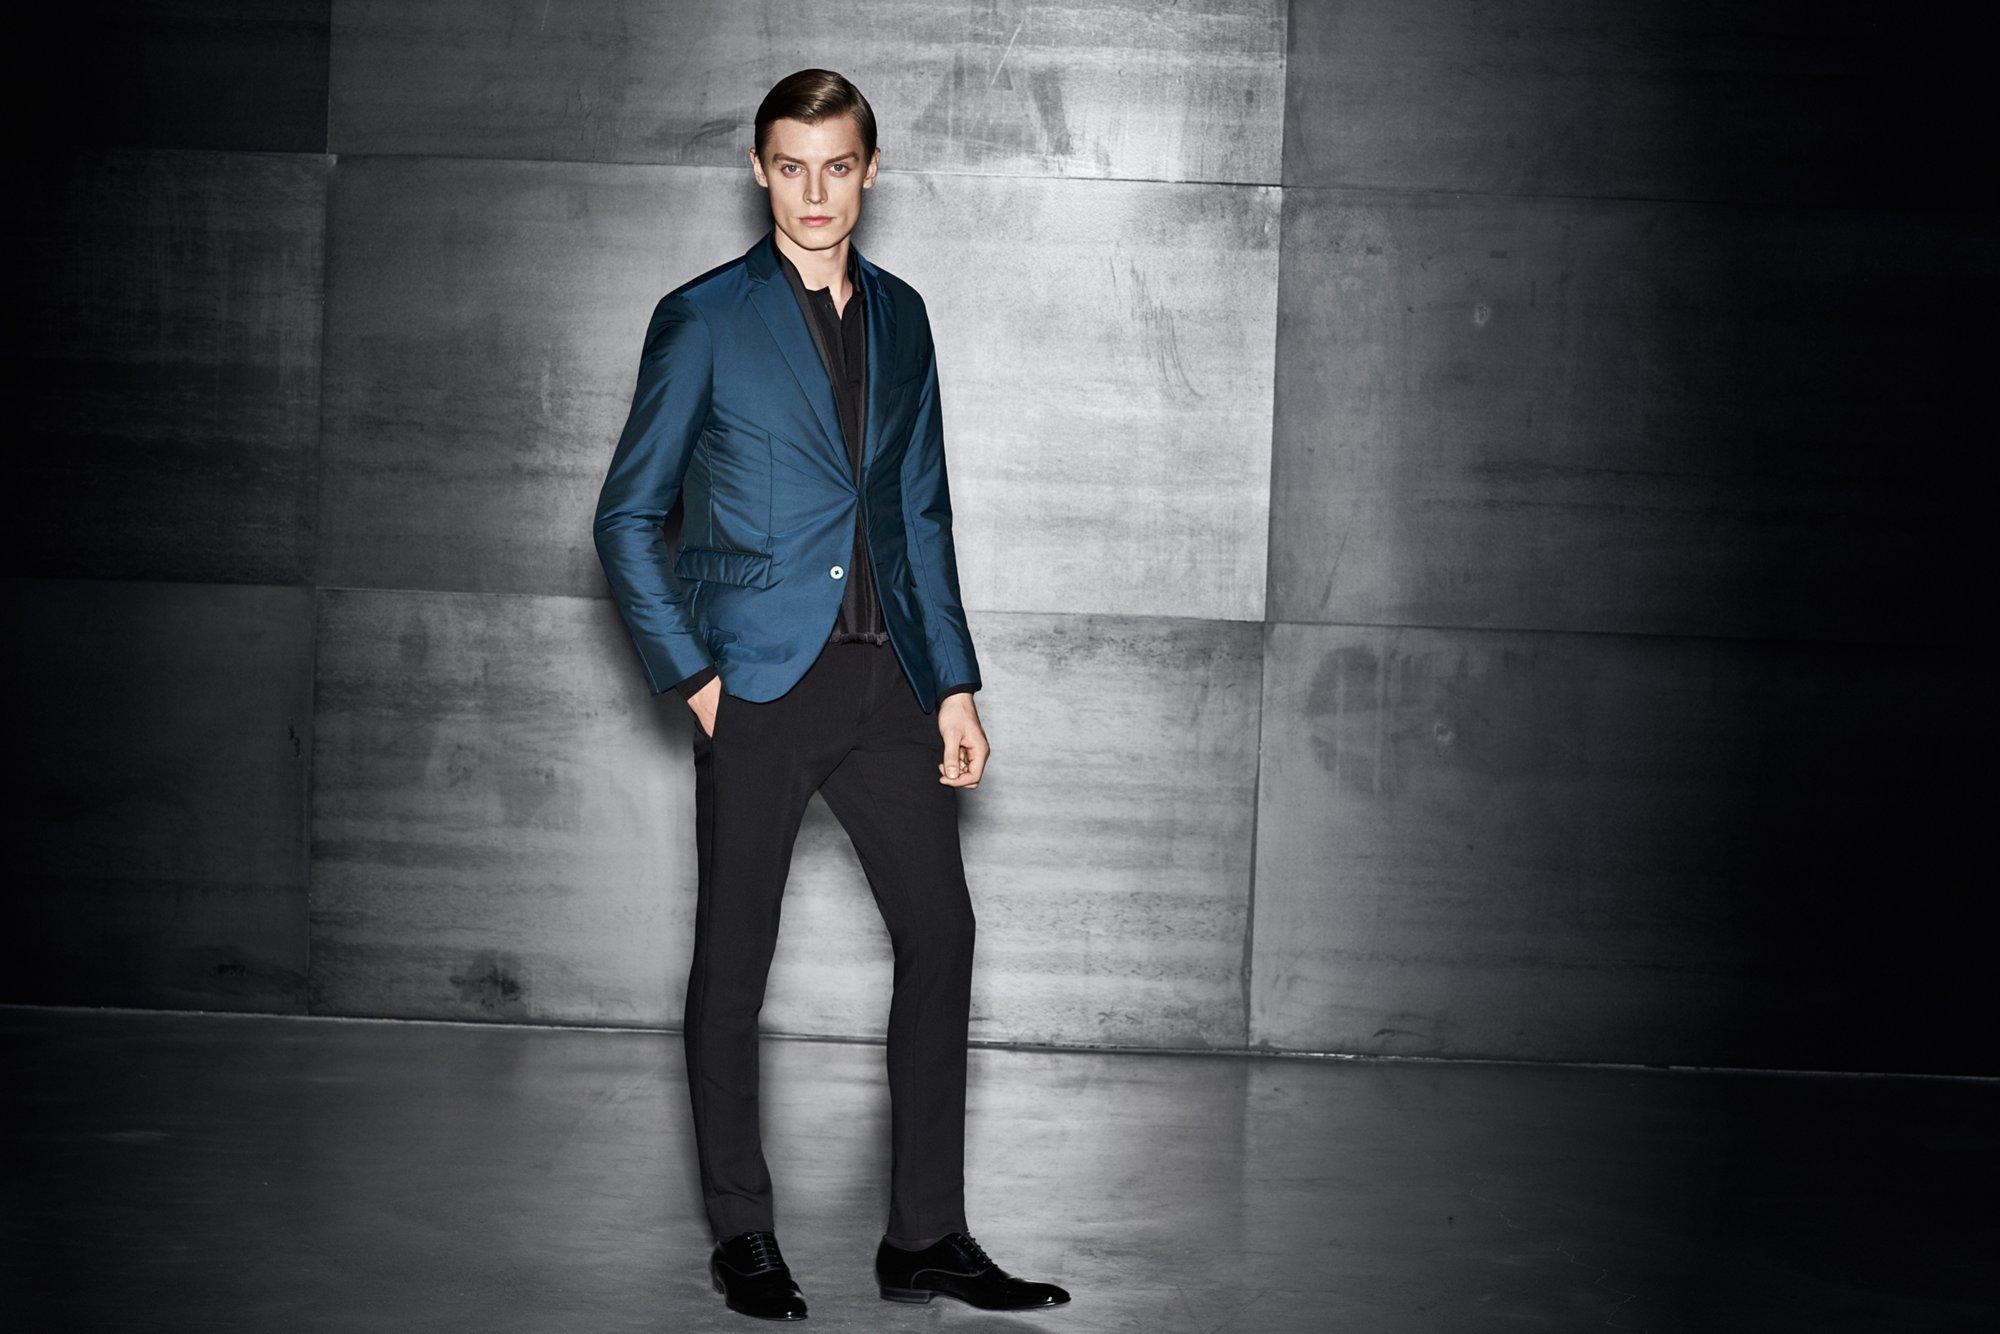 Blaues Sakko über schwarzem Strickoberteil, schwarze Hose und schwarze Schuhe von BOSS